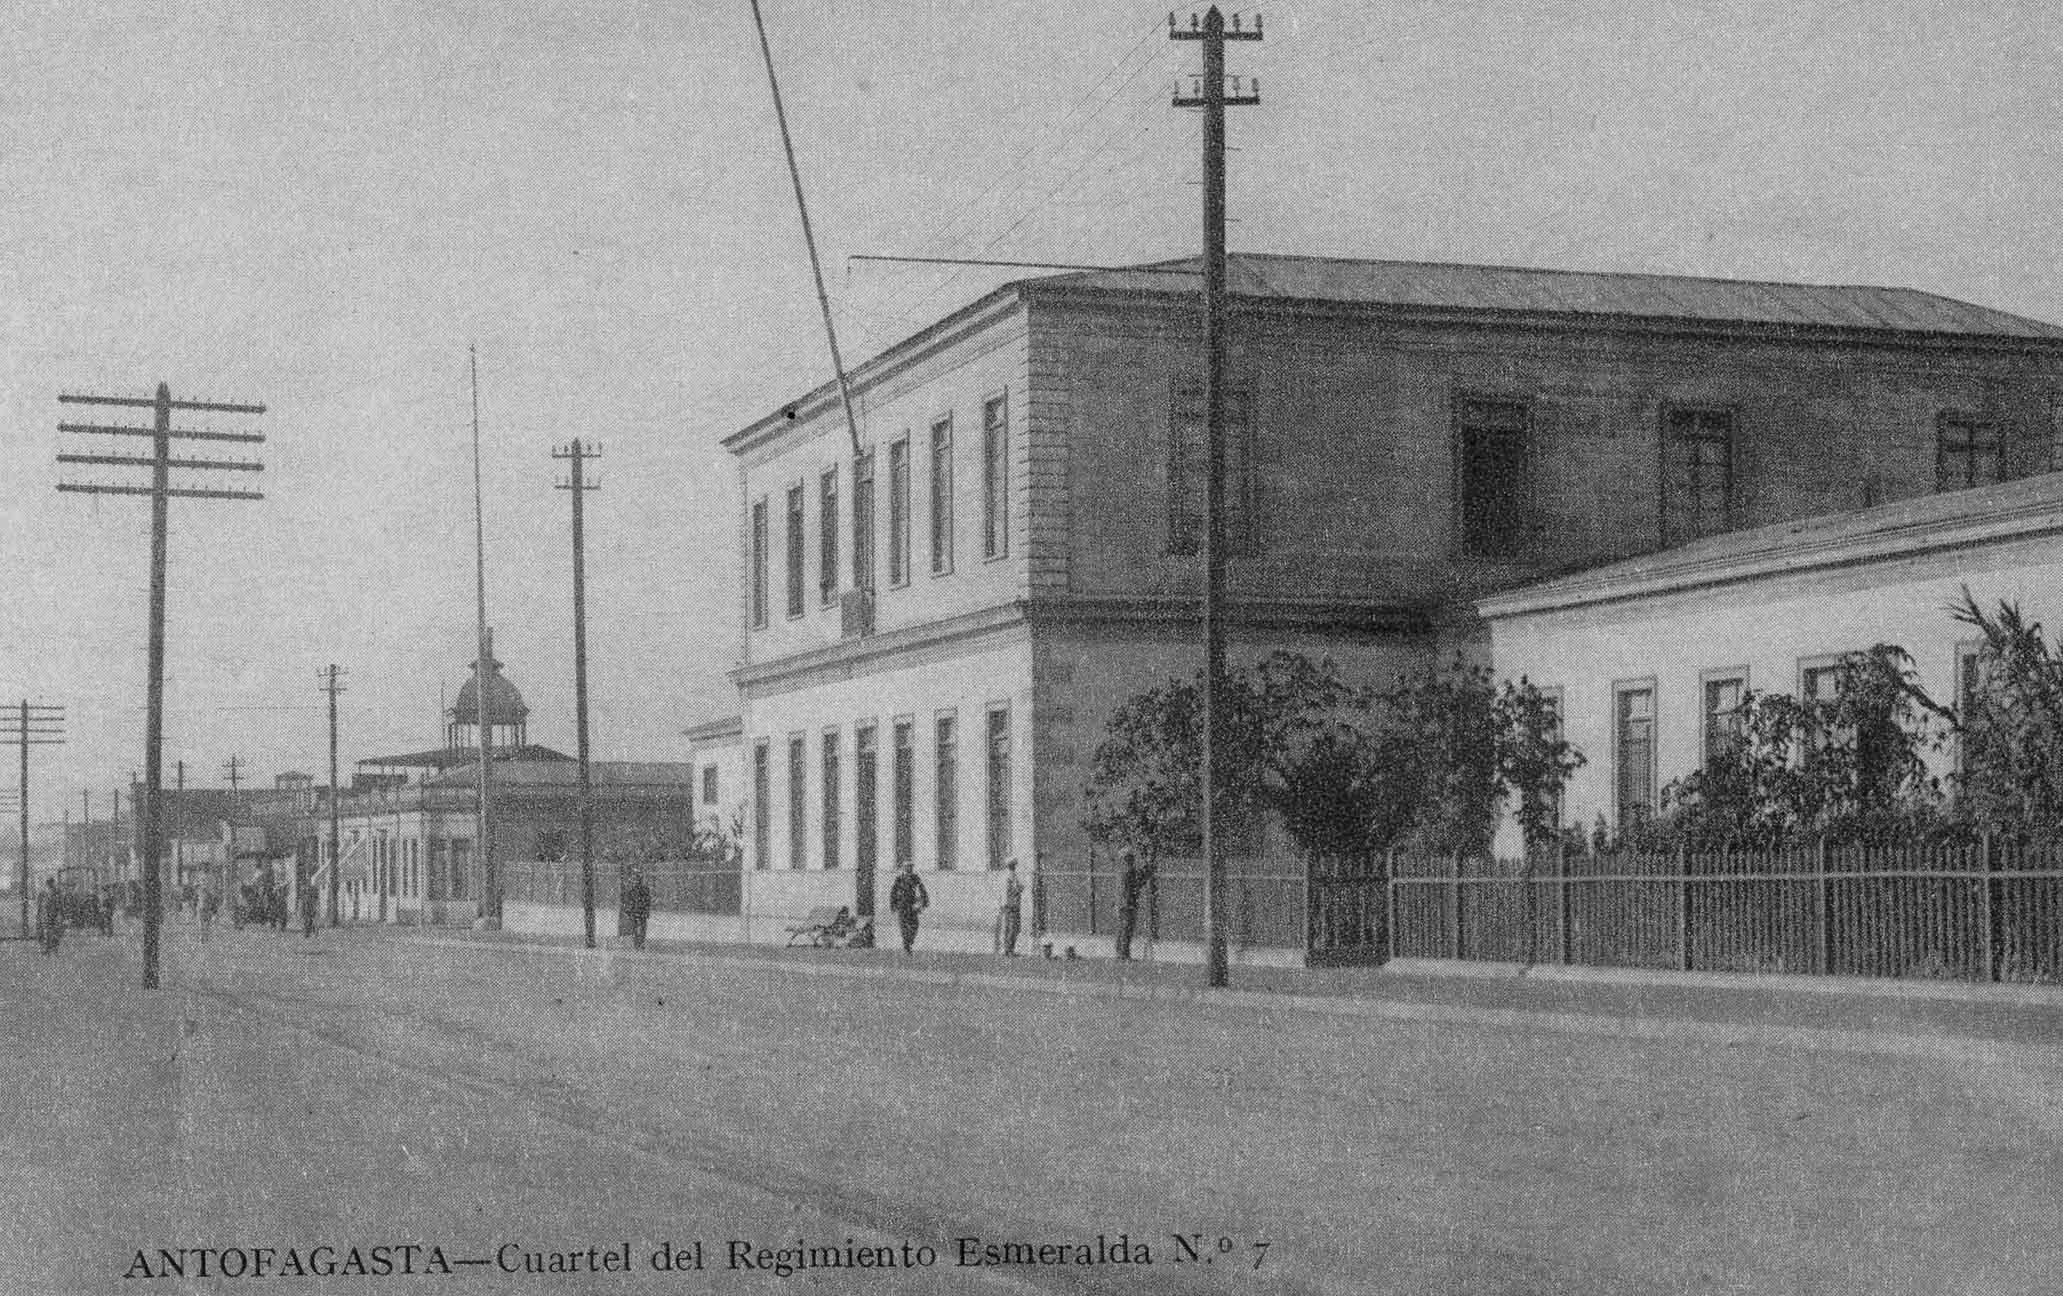 Enterreno - Fotos históricas de chile - fotos antiguas de Chile - Cuartel Regimiento Esmeralda ca. 1920